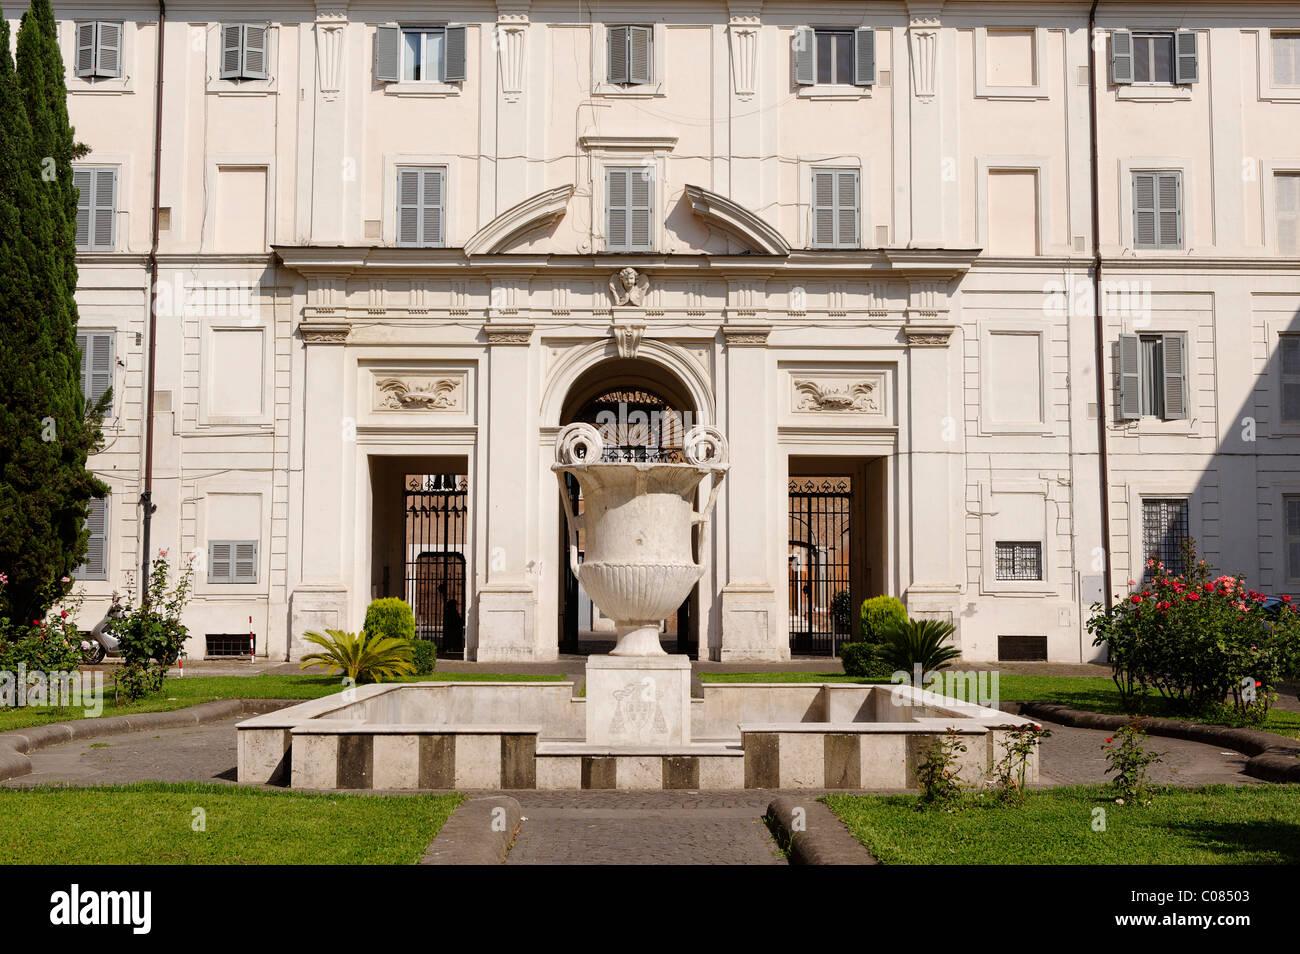 Santa Cecilia chiesa, Trastevere, Roma, Italia, Europa Immagini Stock